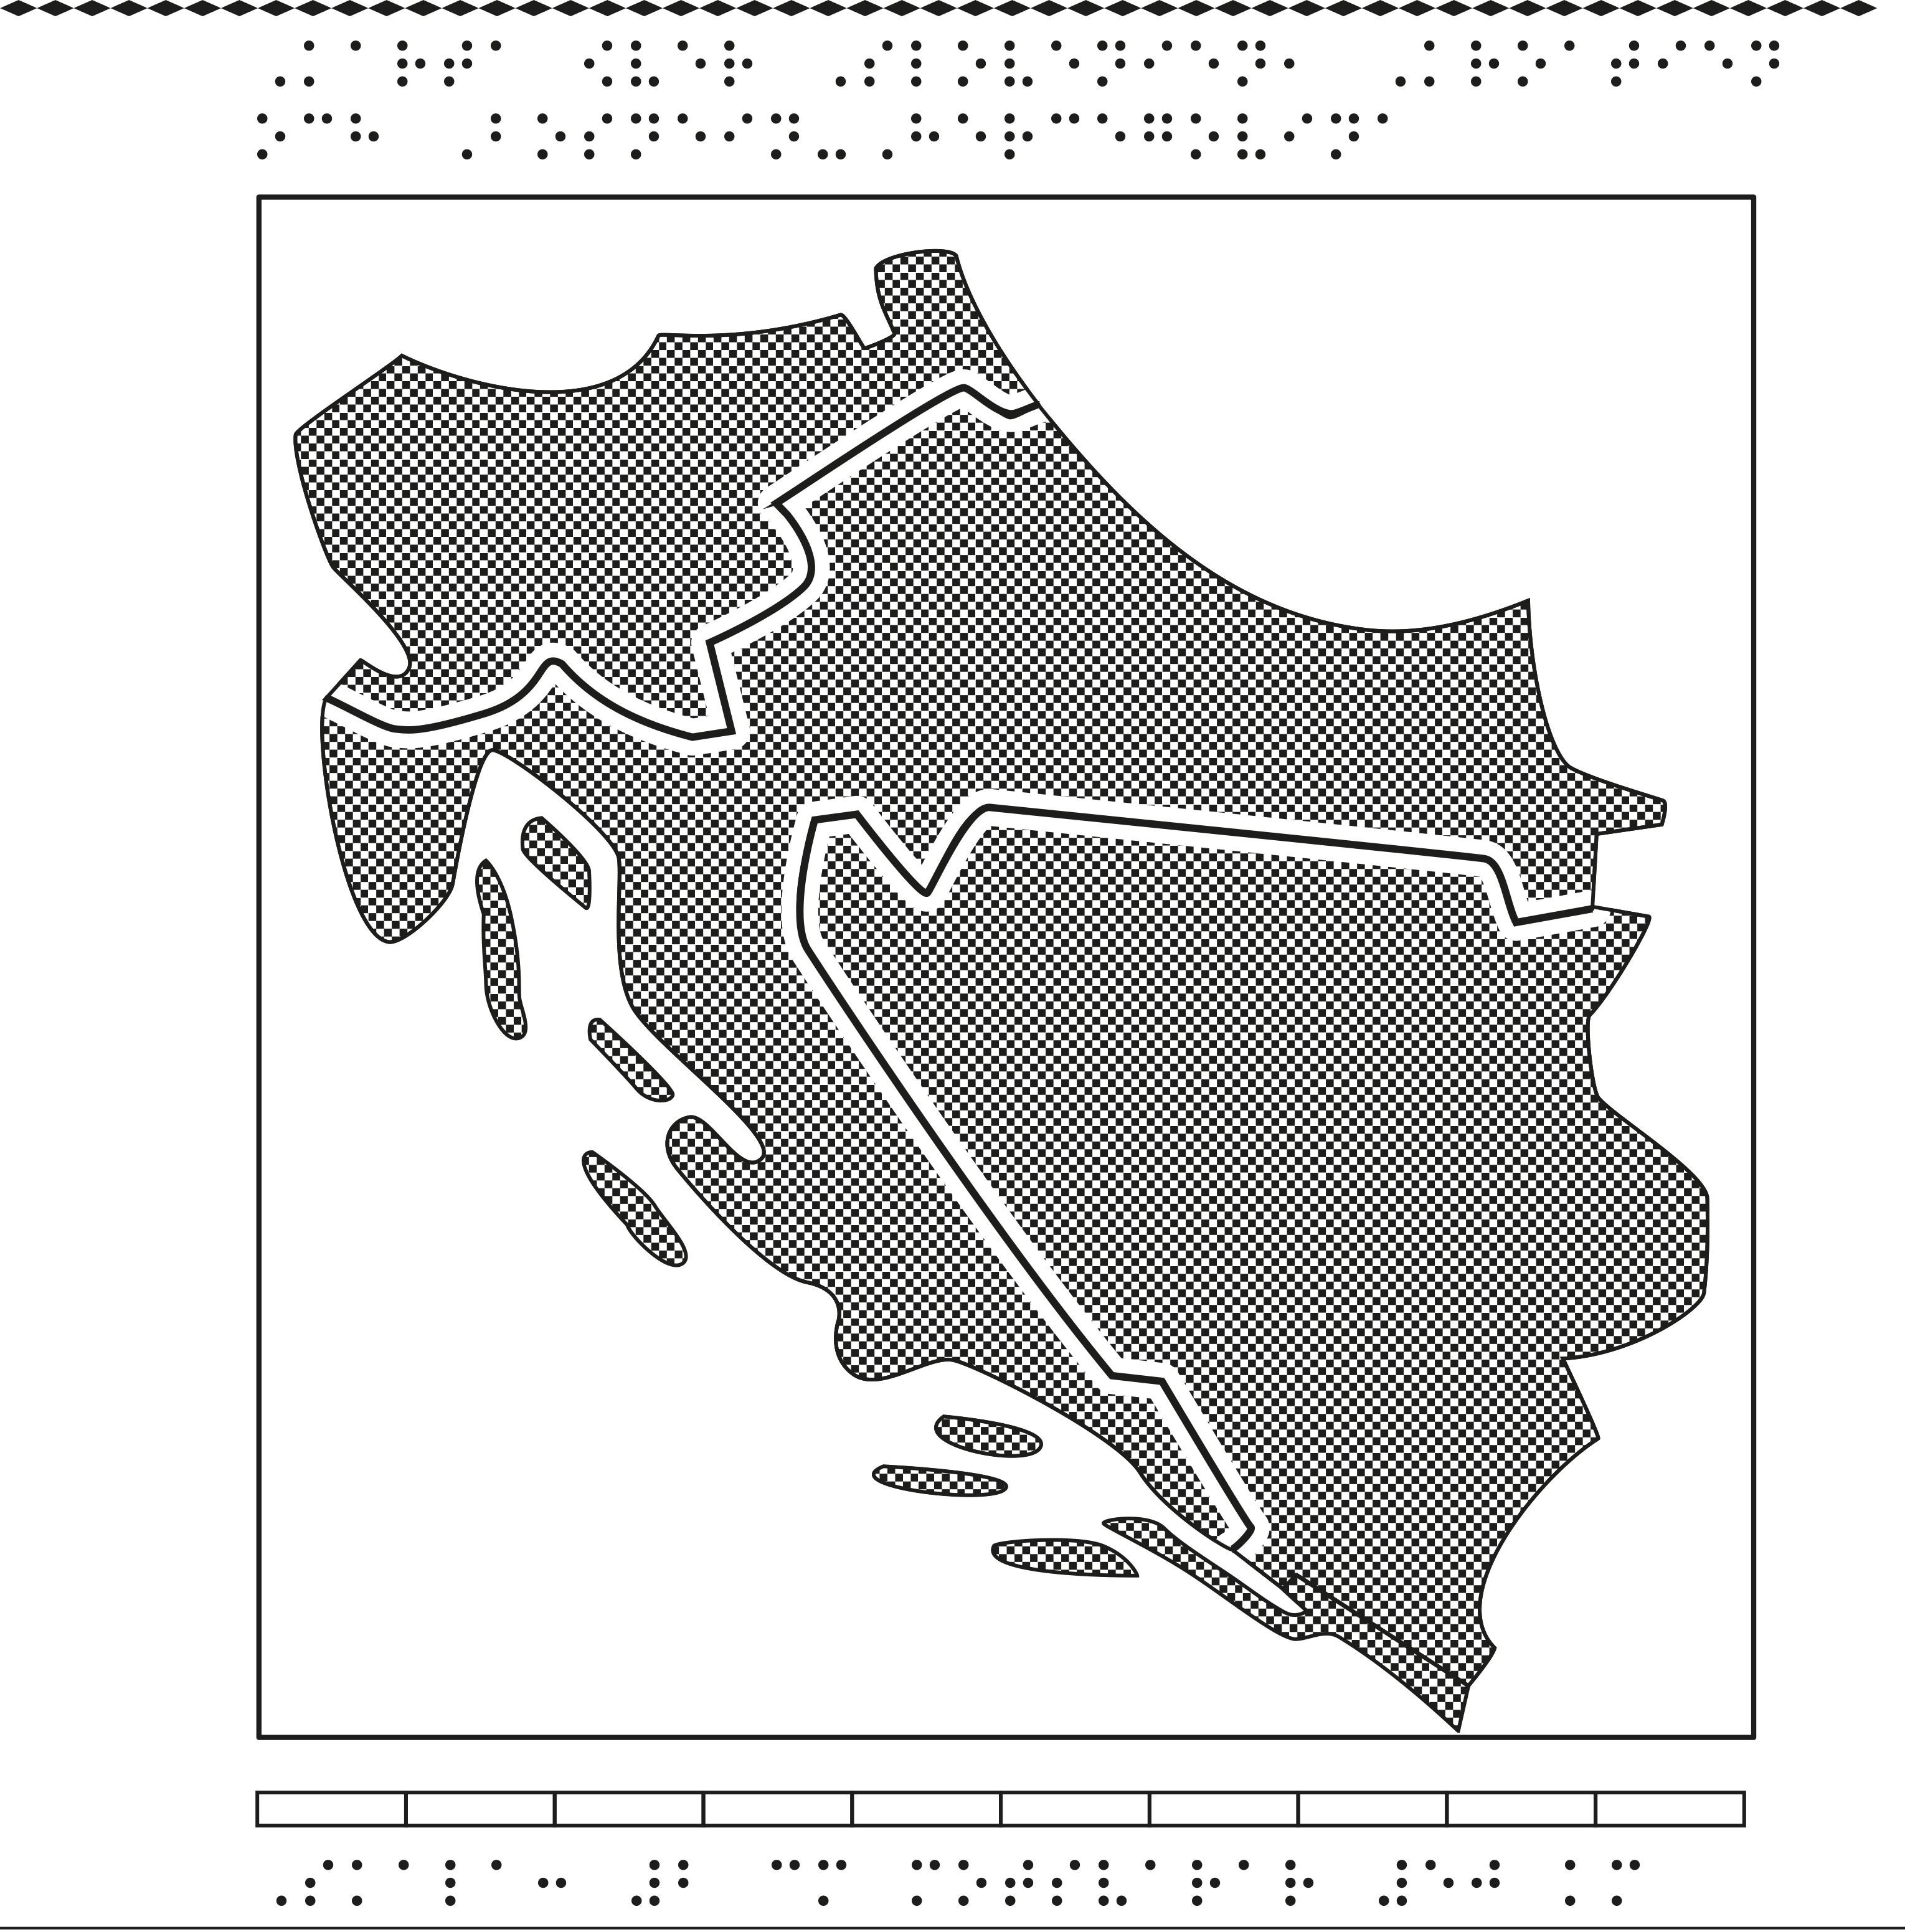 Karta över Slovenien, Kroatien och Bosnien-Hercegovina